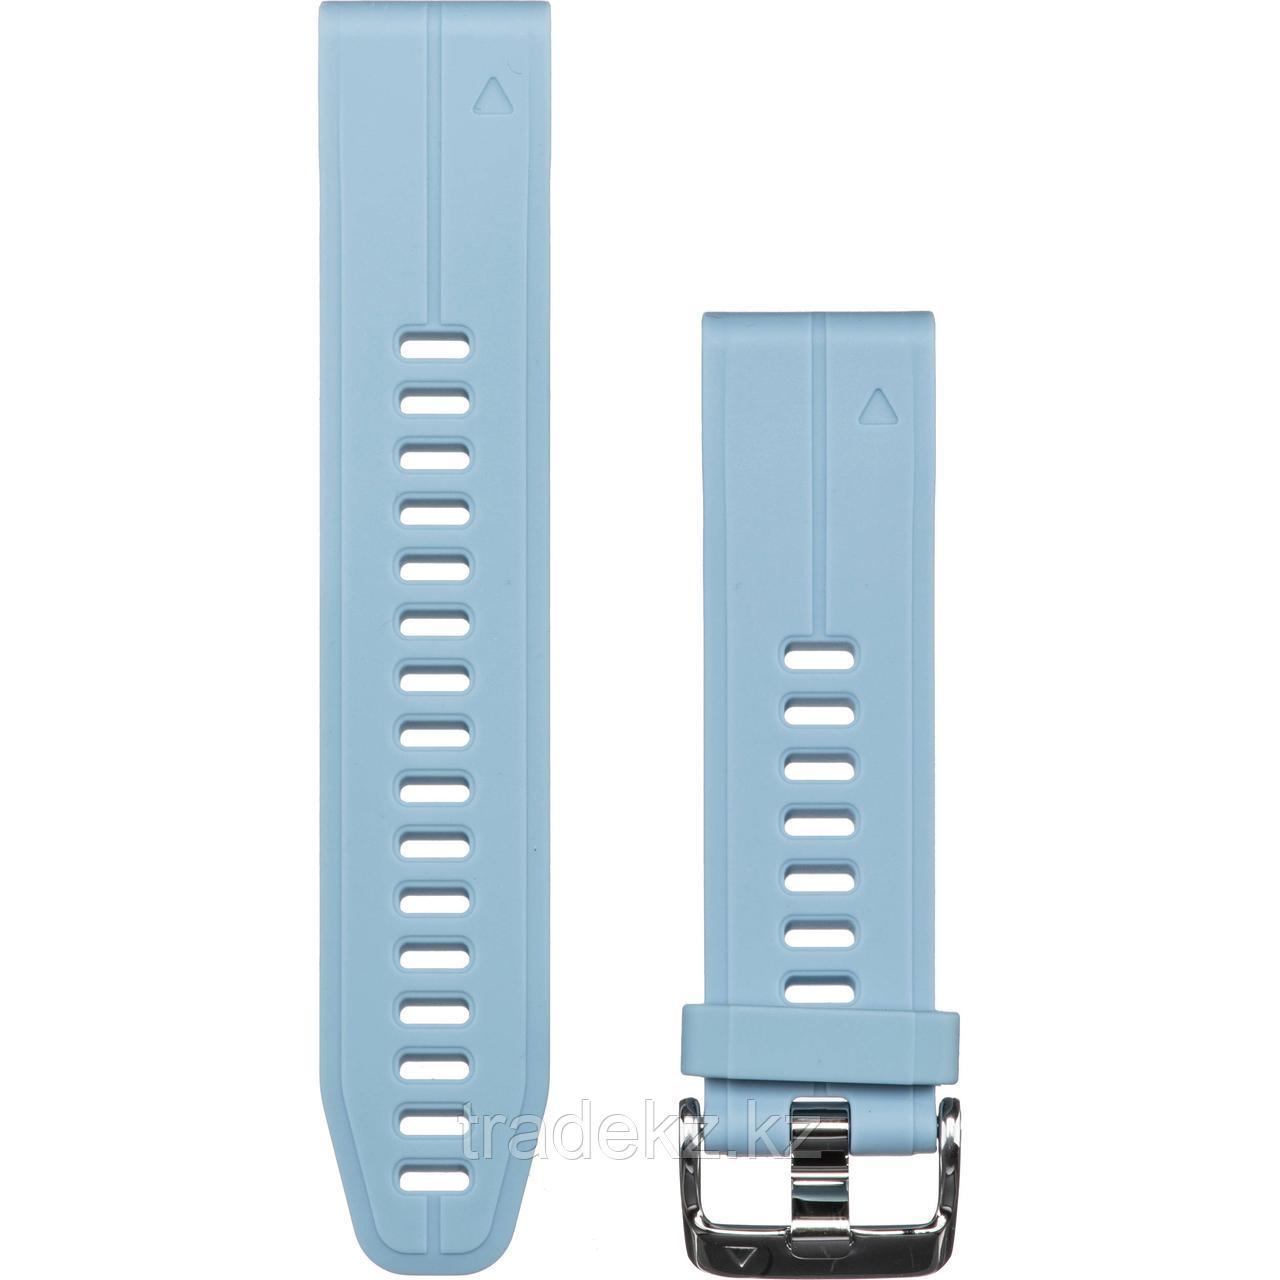 Браслет для часов Garmin 5S Plus 20mm QuickFit силикон, цвет морской пены (010-12739-03)